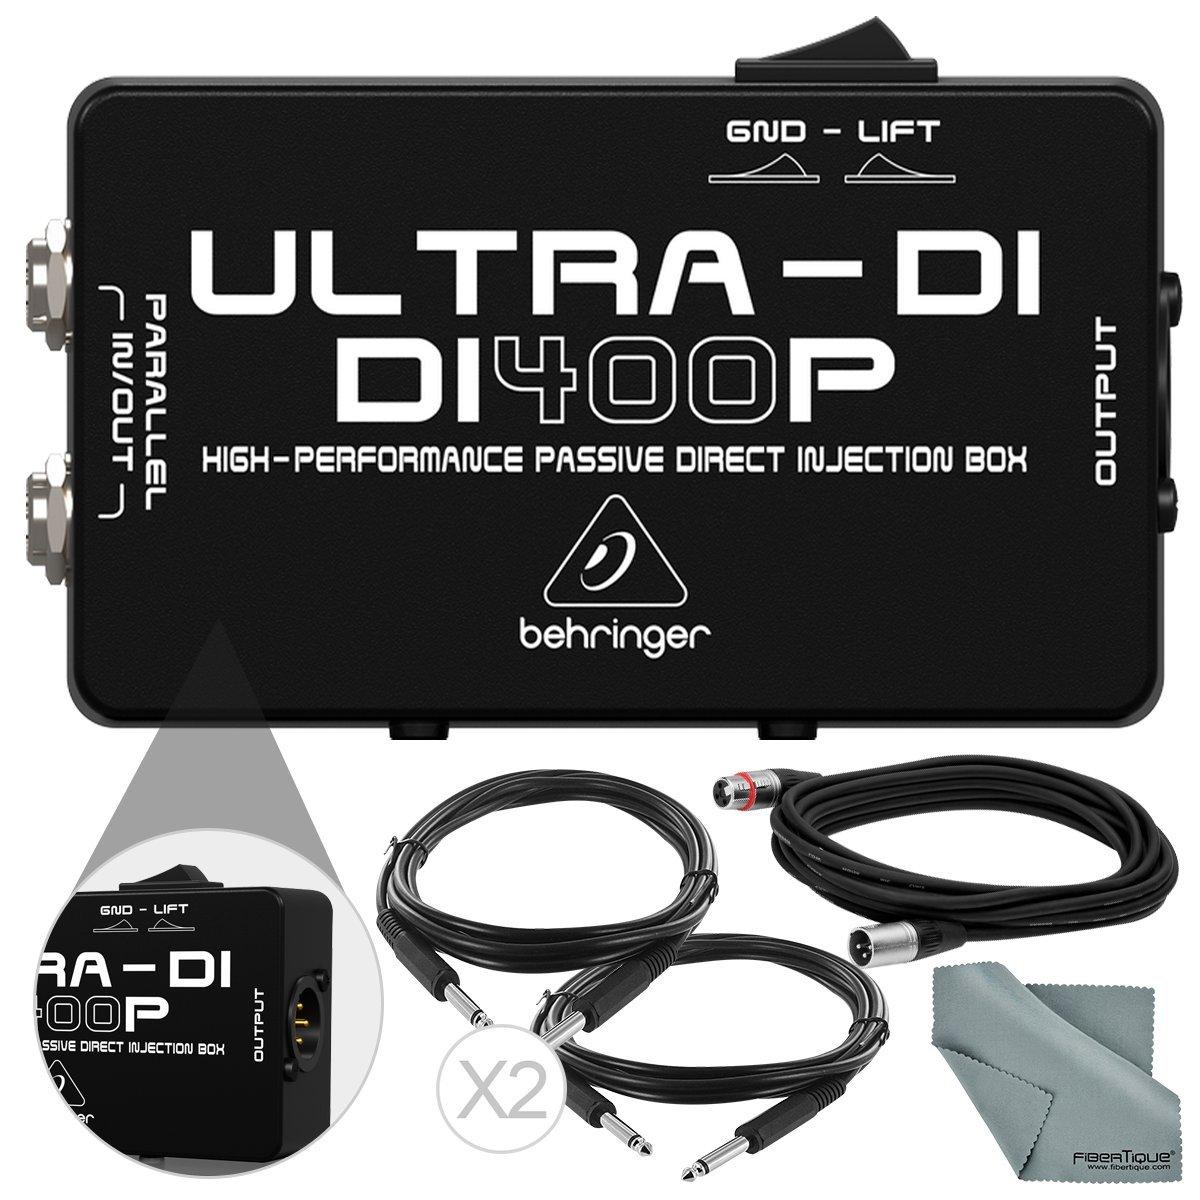 Behringer di400p ULTRA-DI pasivo Direct caja & accesorios Bundle w/XLR Cable, 2 x 1/4